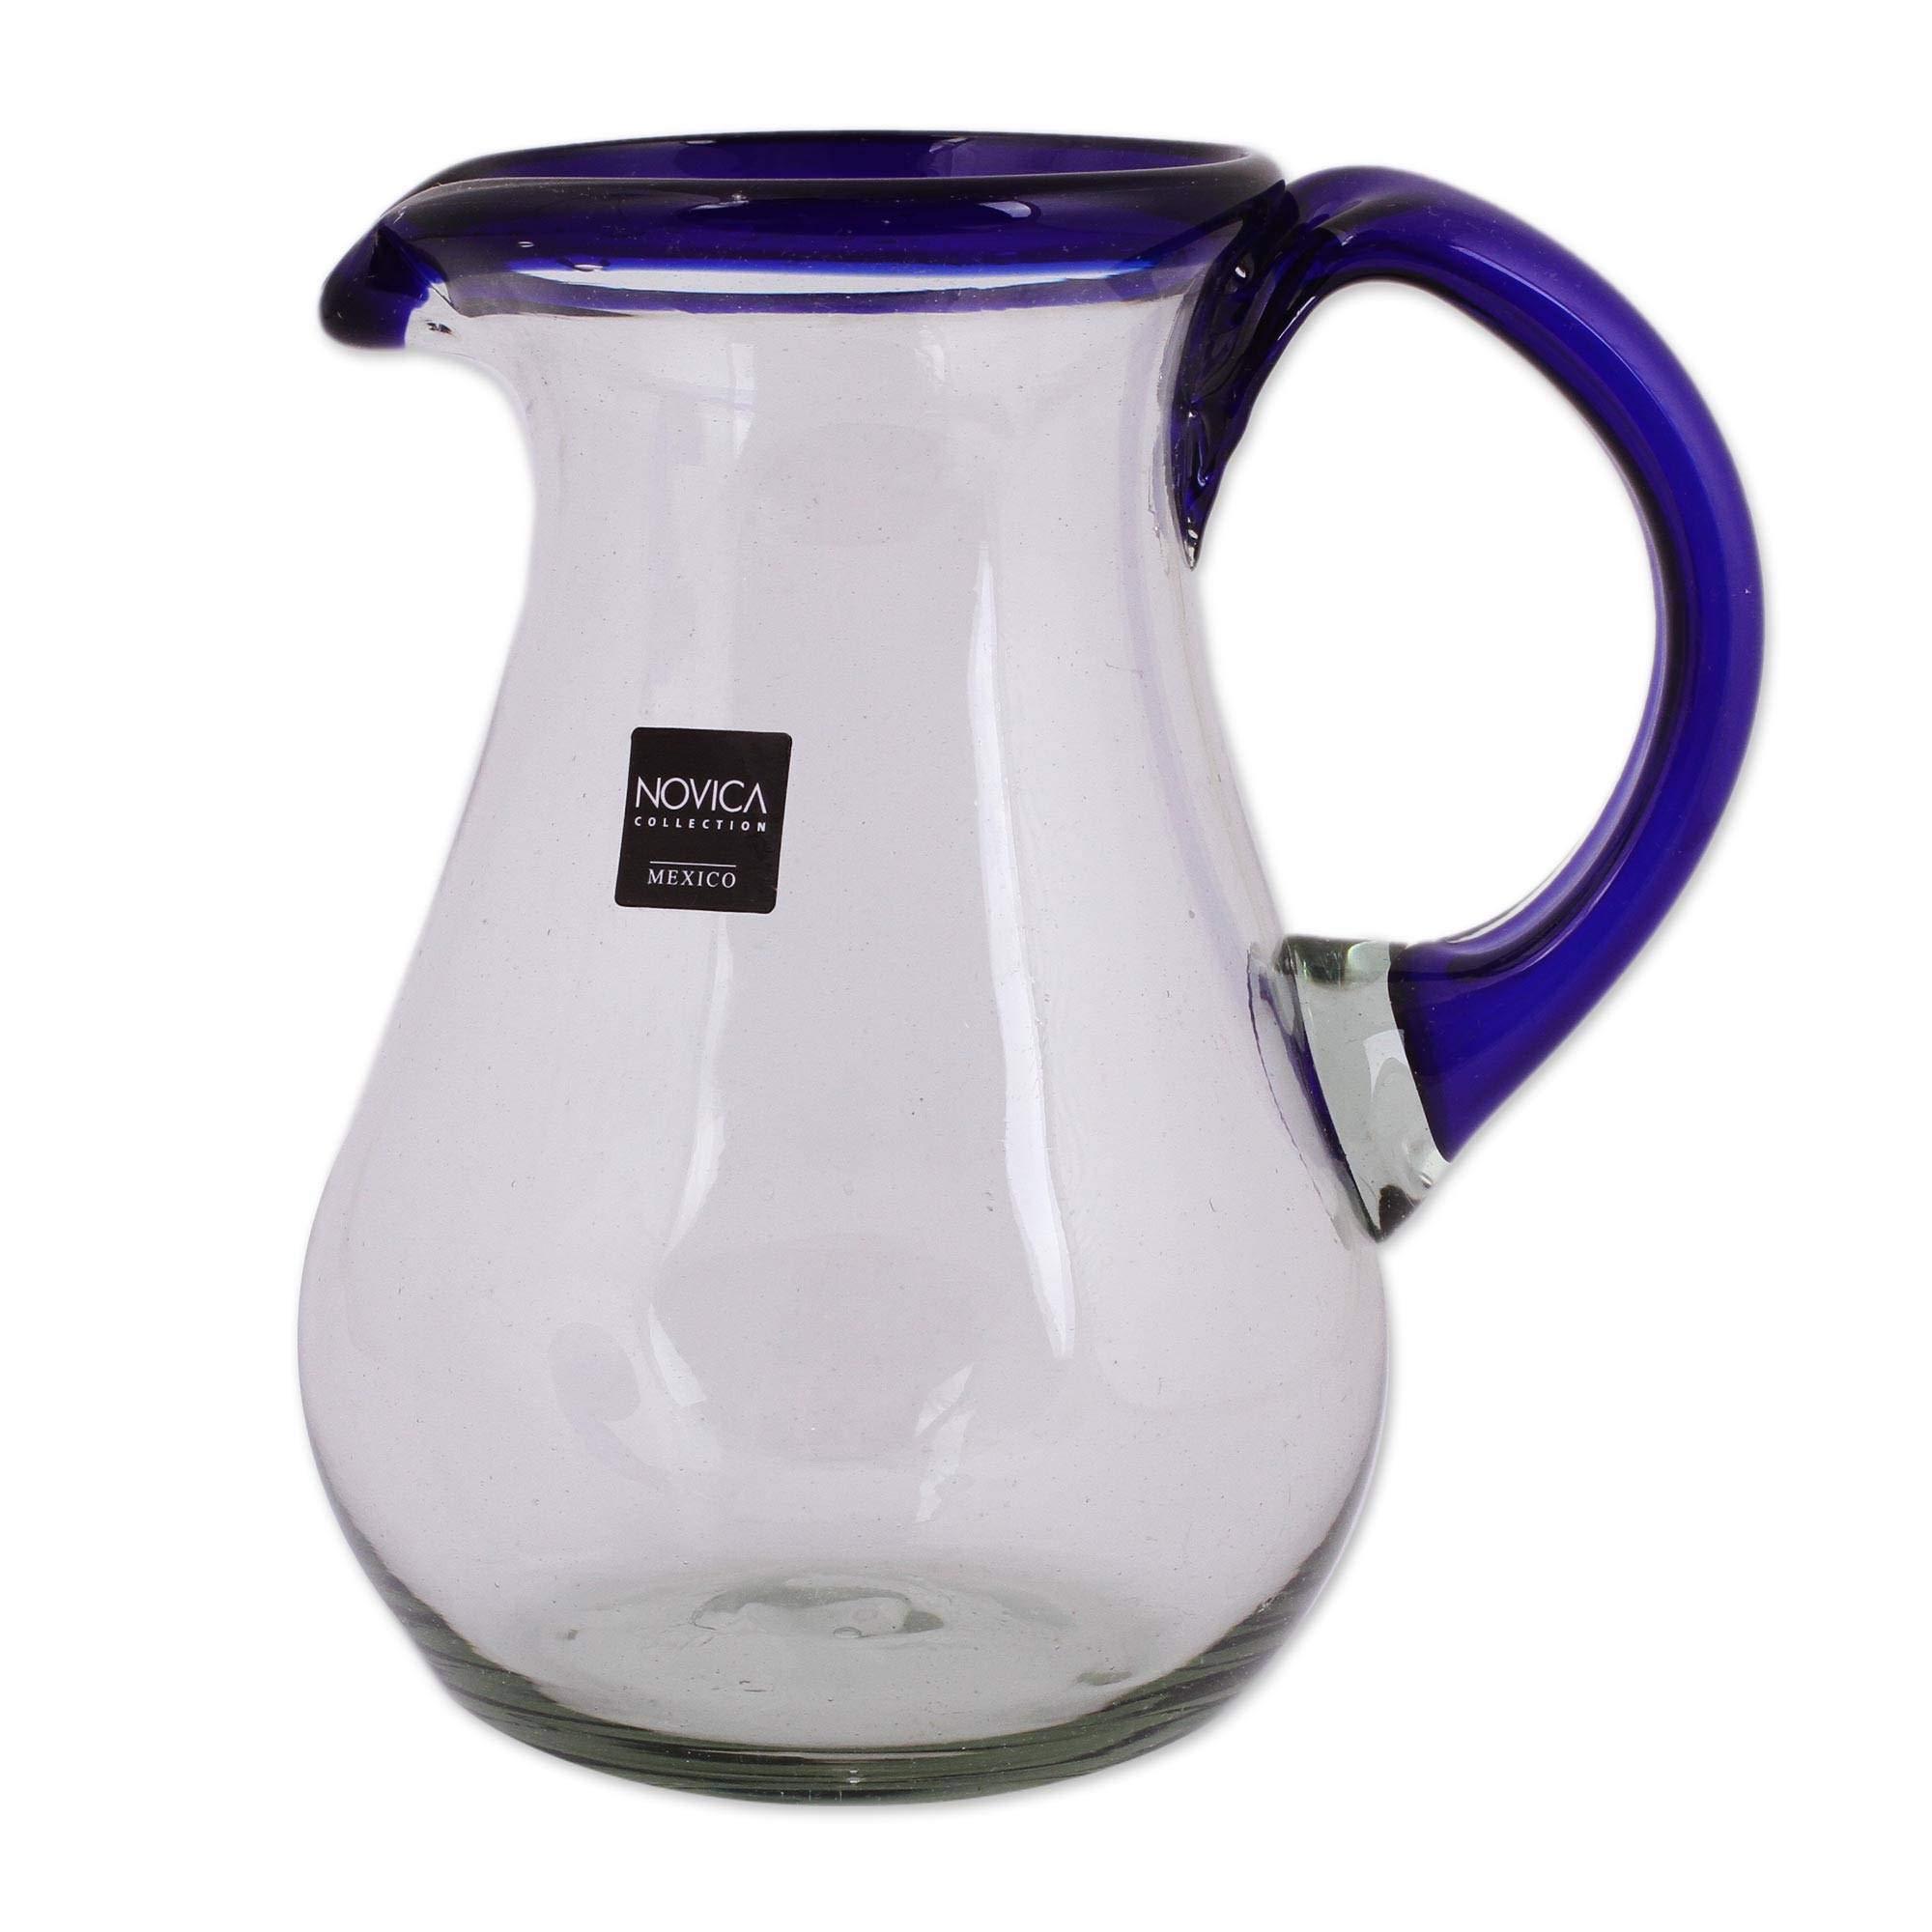 NOVICA 161655'' Blue Grace Glass Pitcher by NOVICA (Image #2)